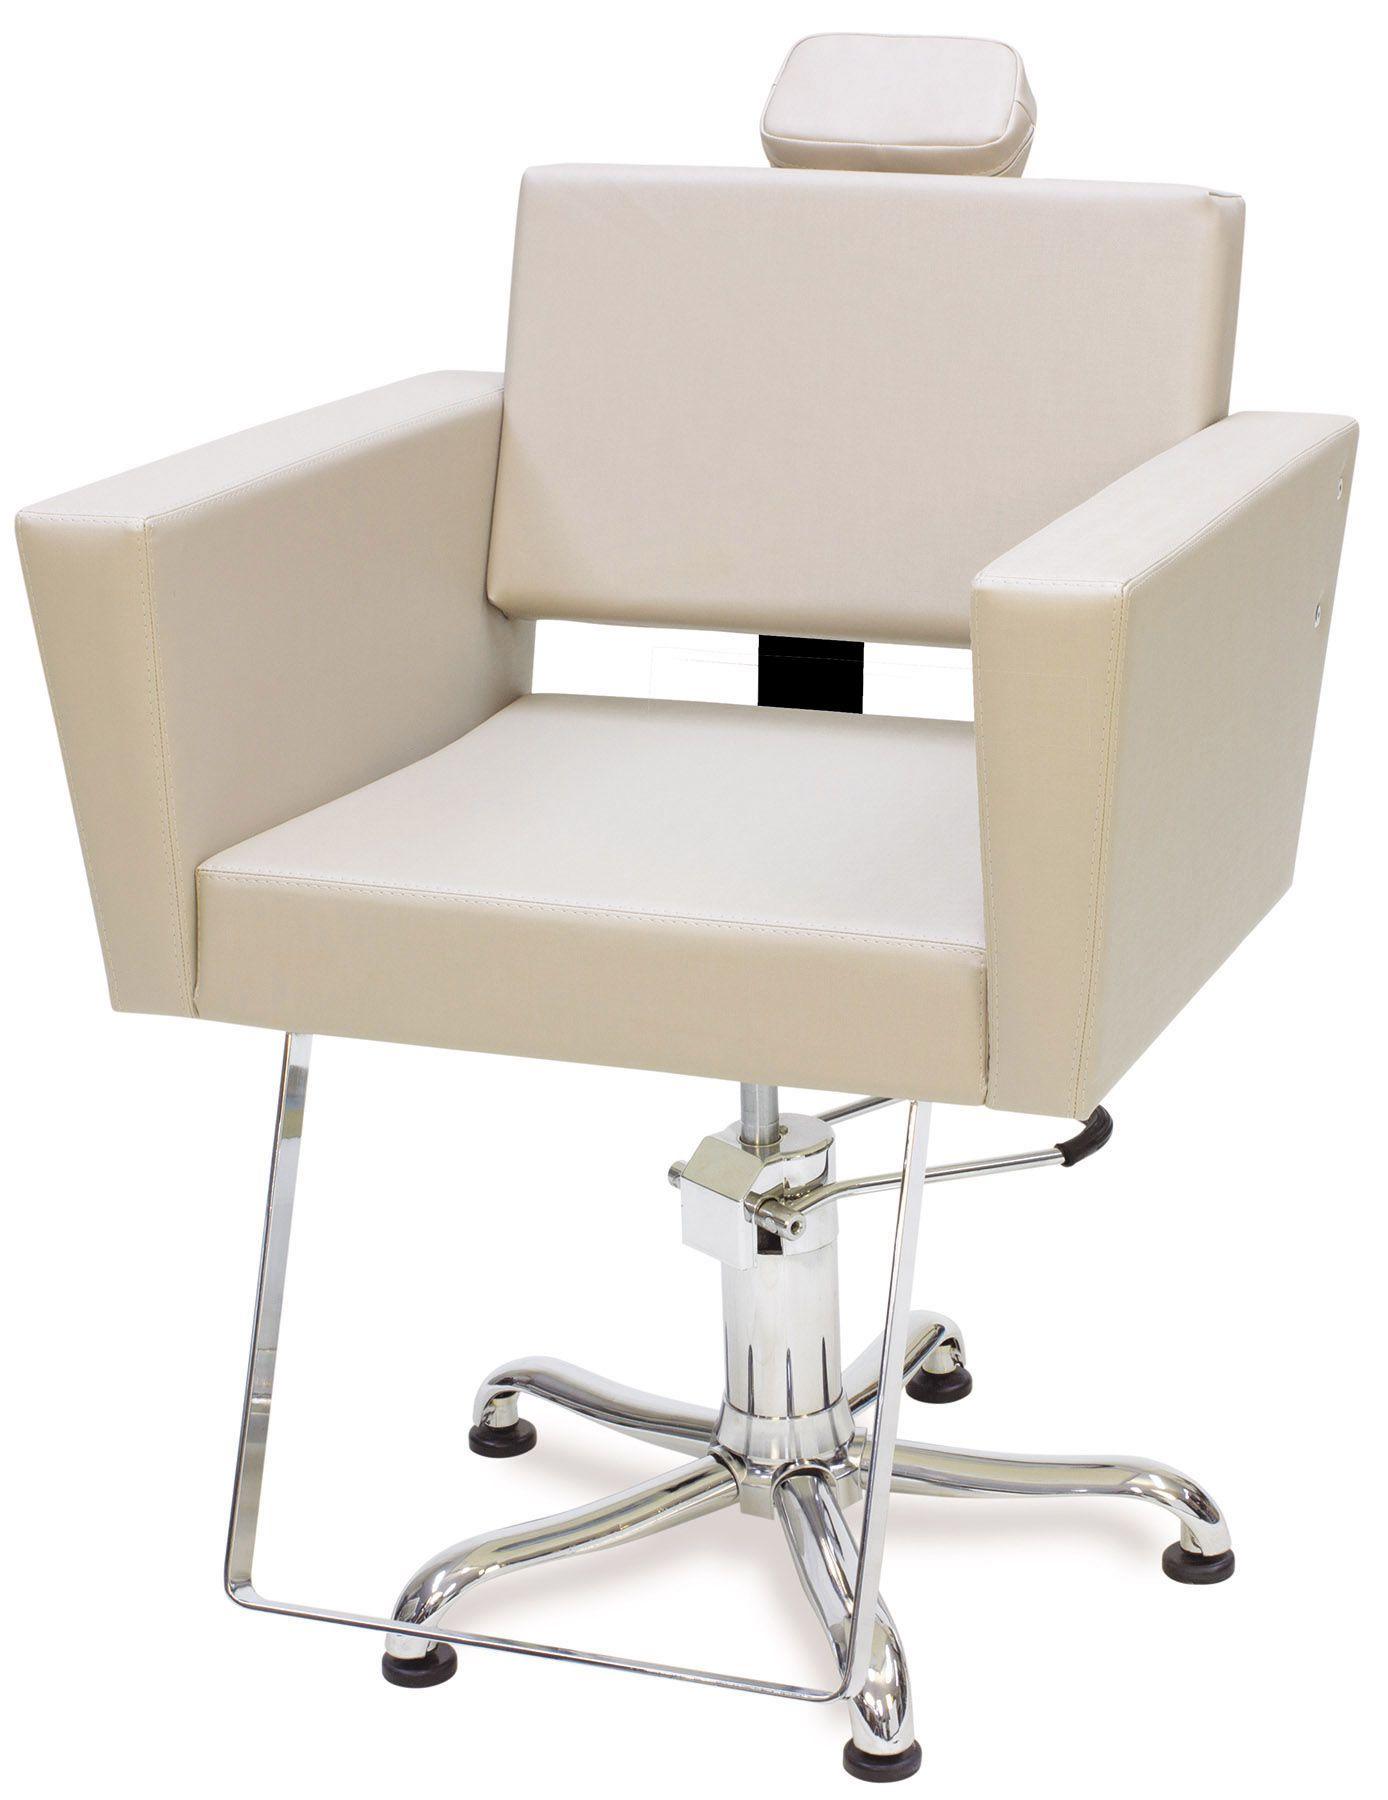 Kit cadeira reclinável niagara + cadeira reclinável niagara + lavatório niagara